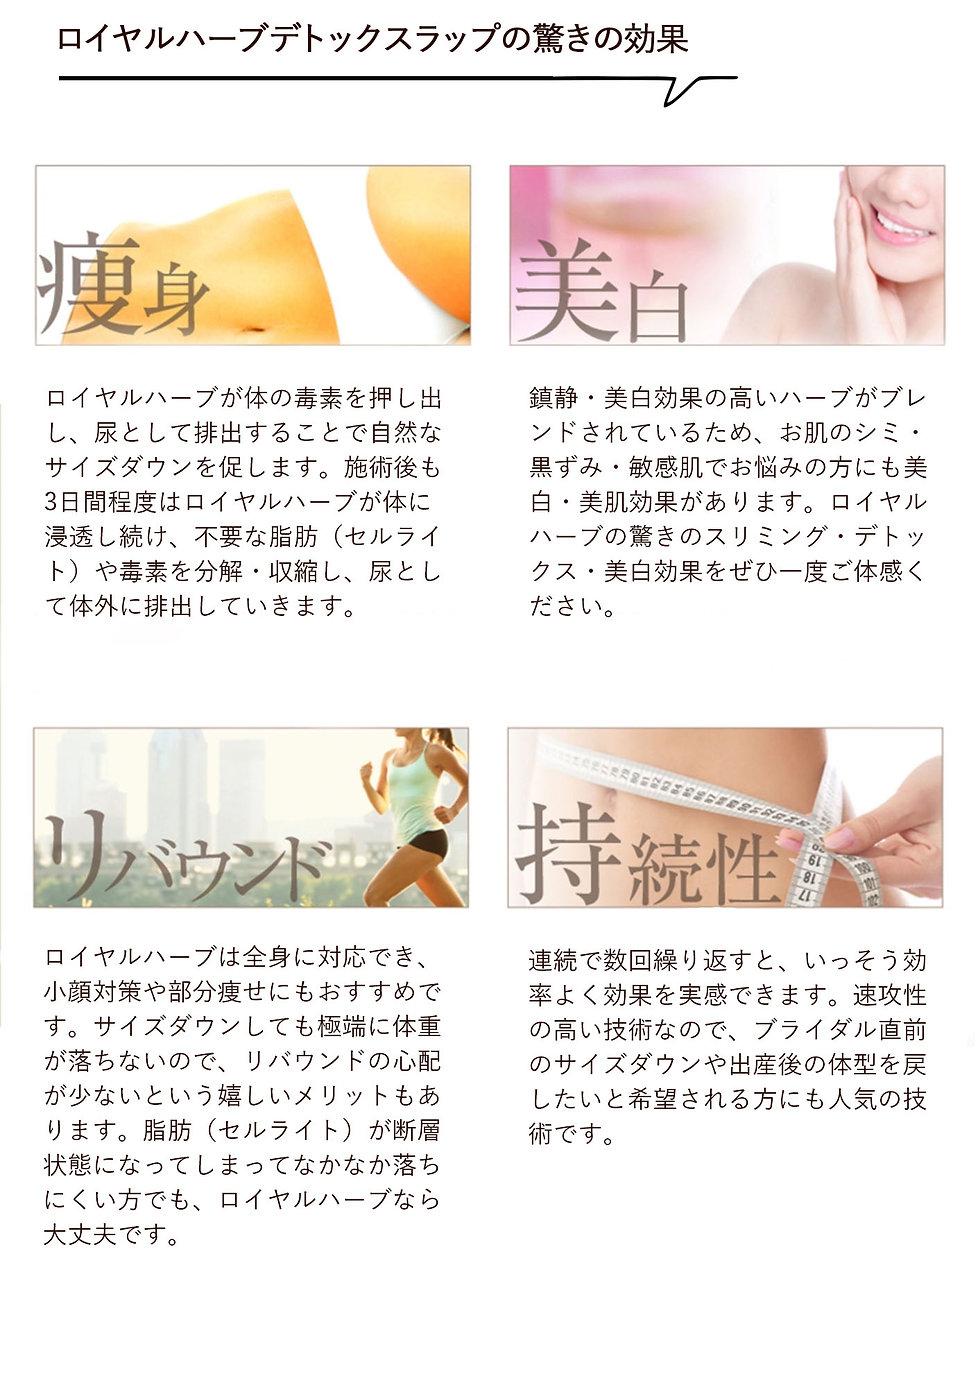 ミイラ痩身。ロイヤルハーブデトックスラップ。アライブ東京。痩身効果。TVで話題沸騰。寝るだけダイエット。痩身。即効性。ダイエット。ウエスト痩せ。脂肪分解。むくみ改善。